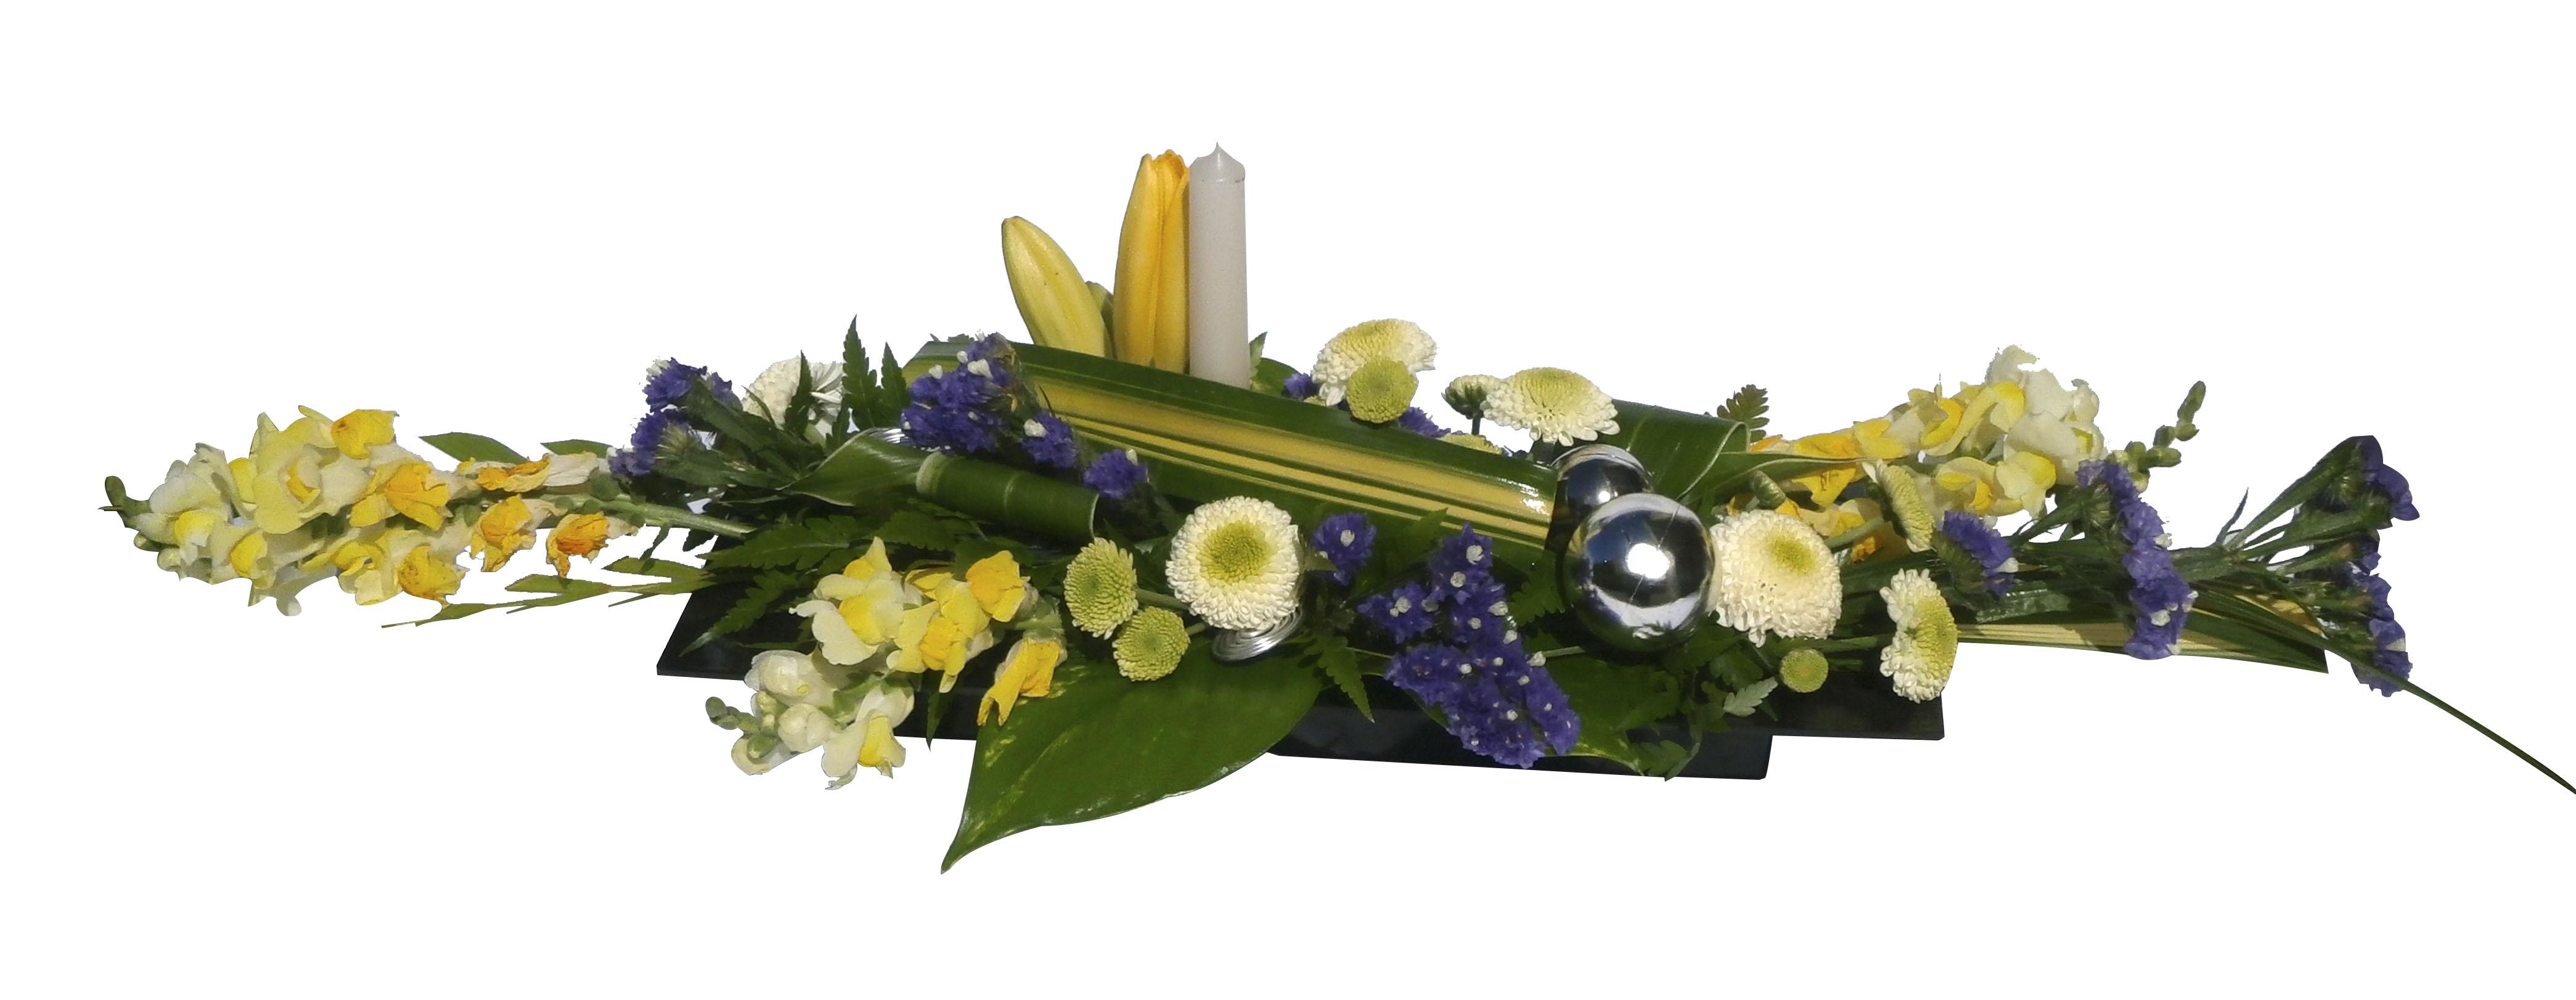 Tamara l 39 artisan fleuriste tmr tahiti fleurs le for Fleurs de fleuriste